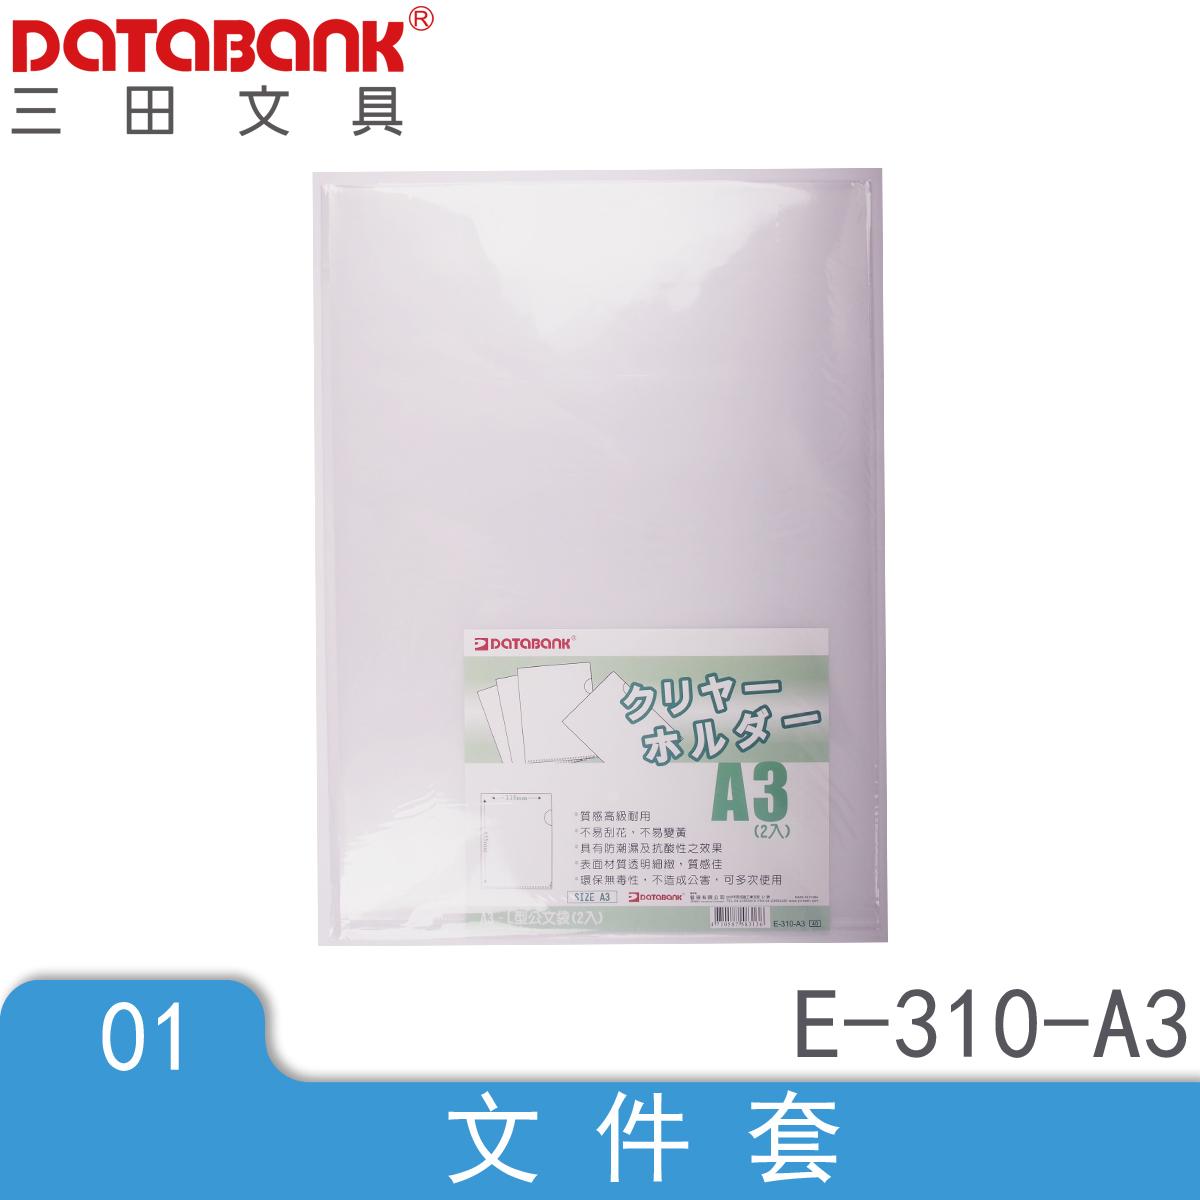 A3 L型文件夾 2個/包 (E-310-A3) L型文件夾 資料夾 文件夾 收納夾 批發零售 學生用品百貨 DATABANK